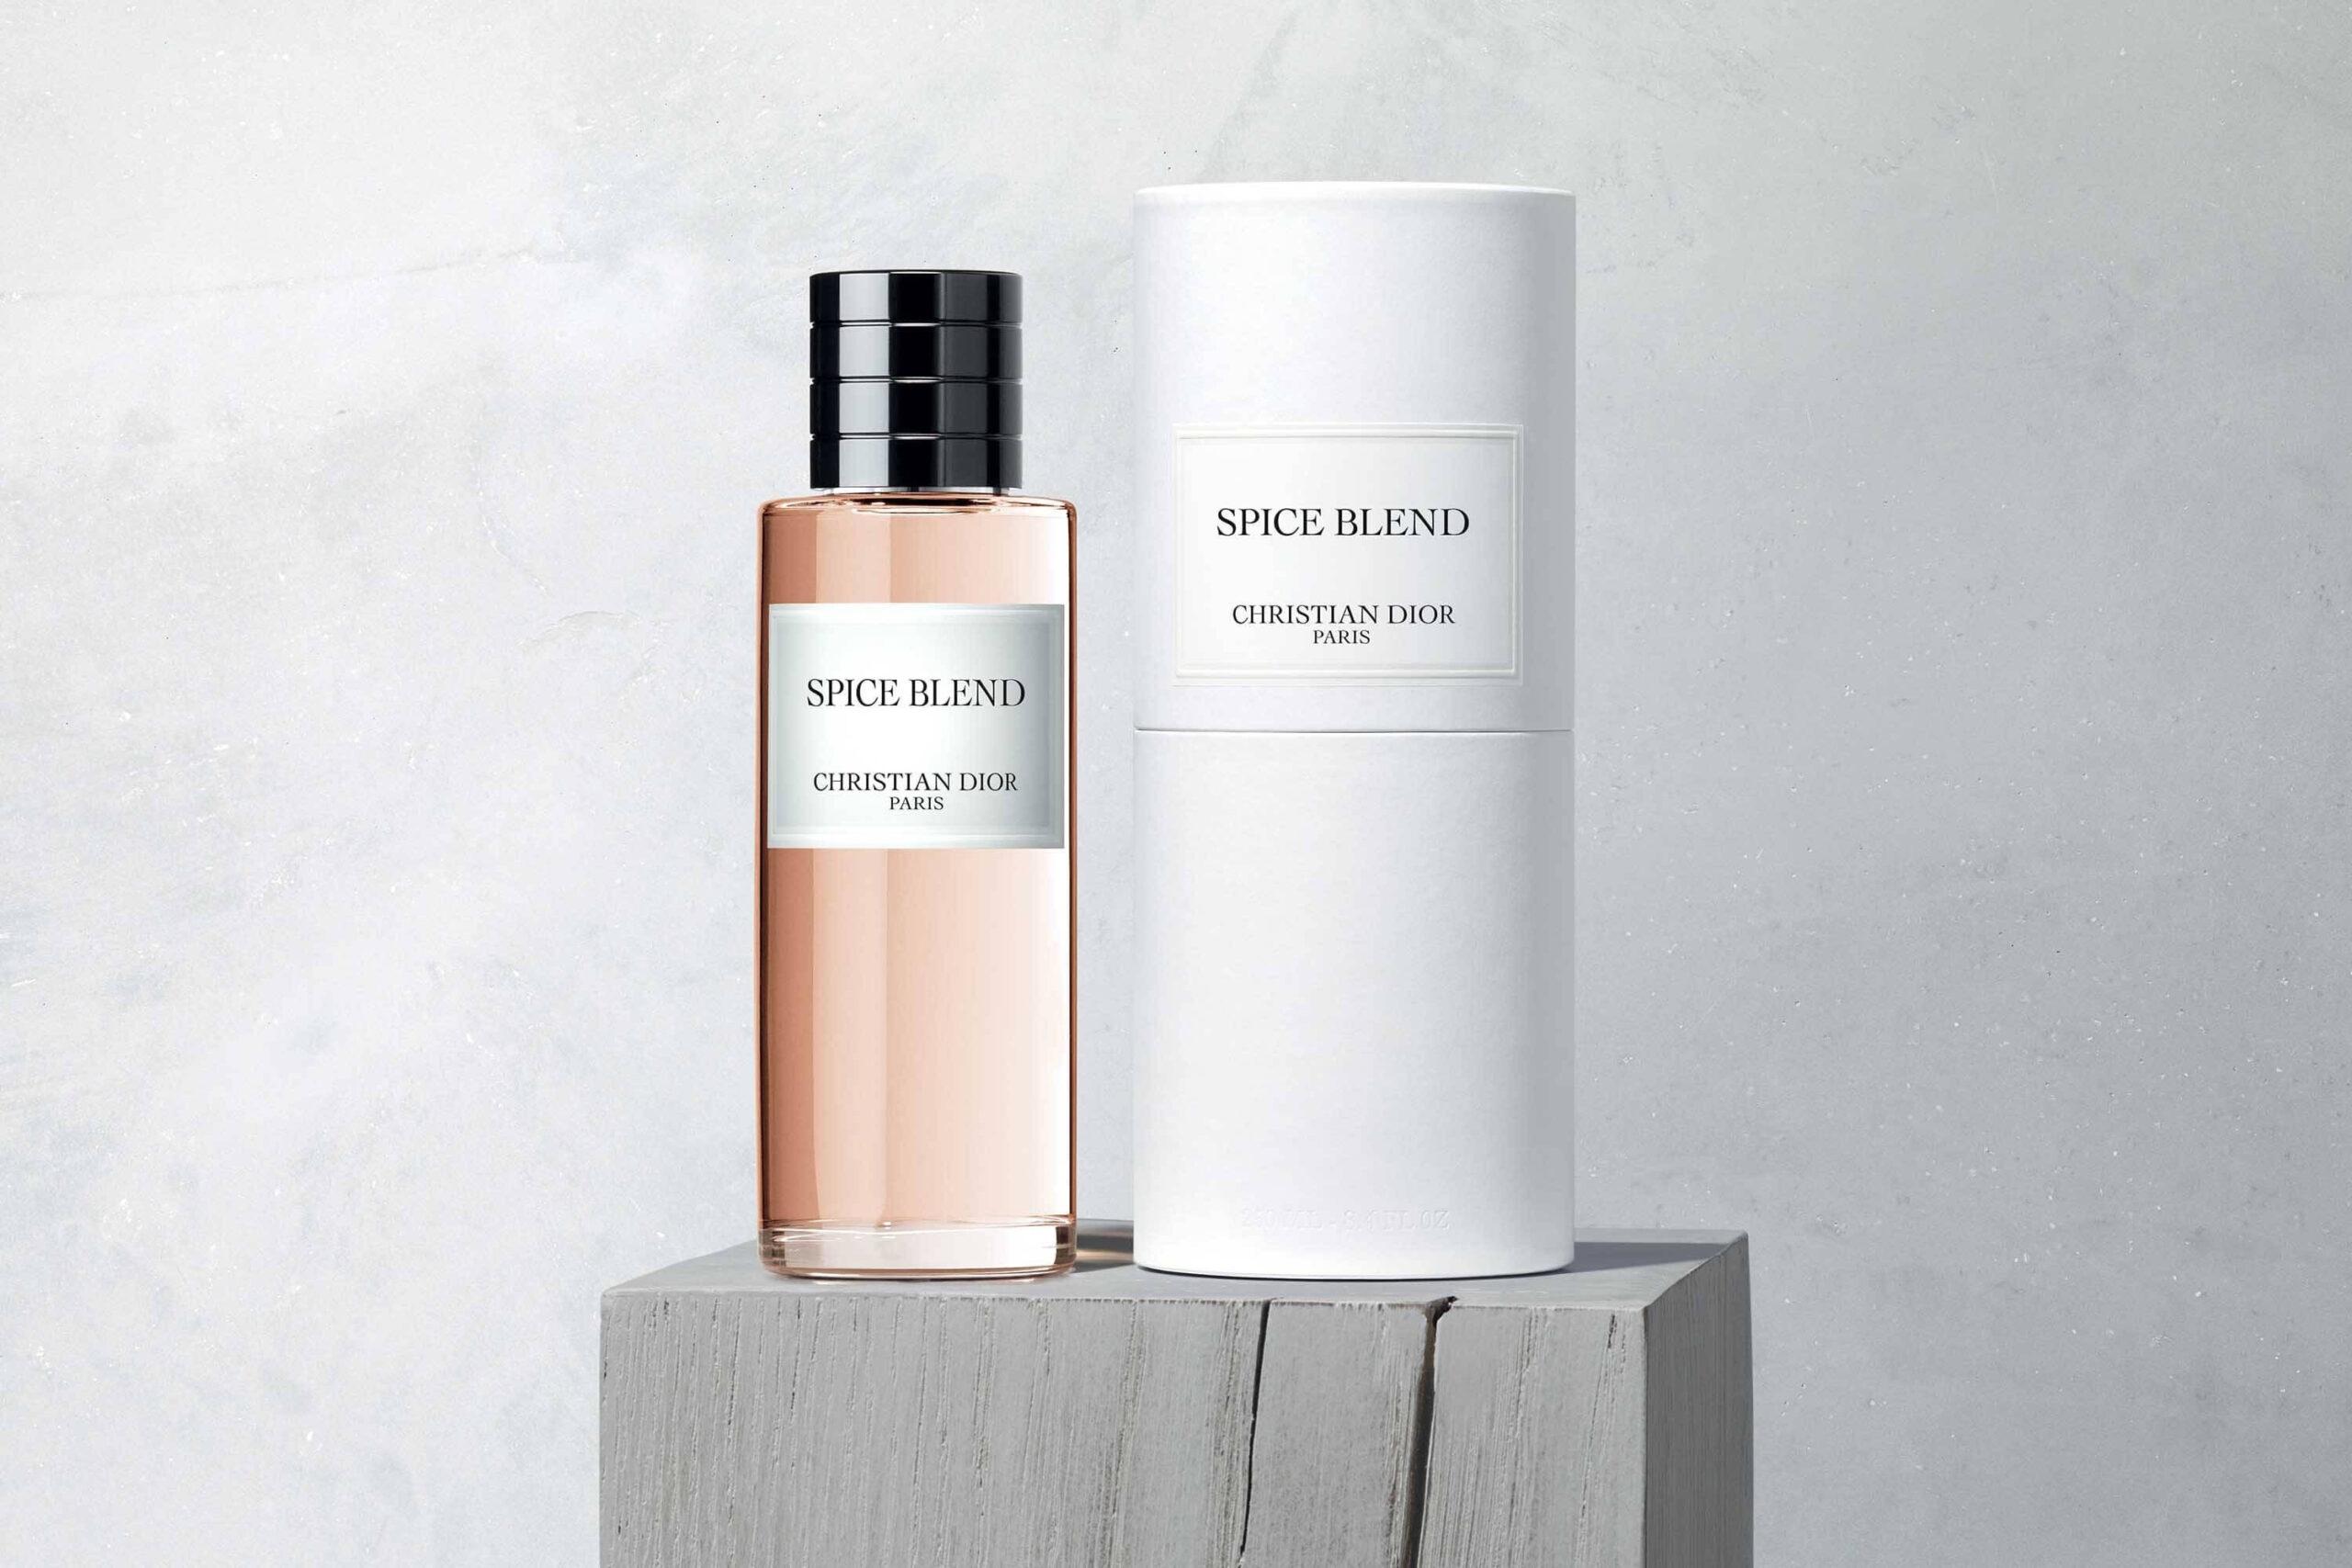 Profumi Dior Inverno 2021 30 profumazioni invernali che lasciano spazio all'immaginazione